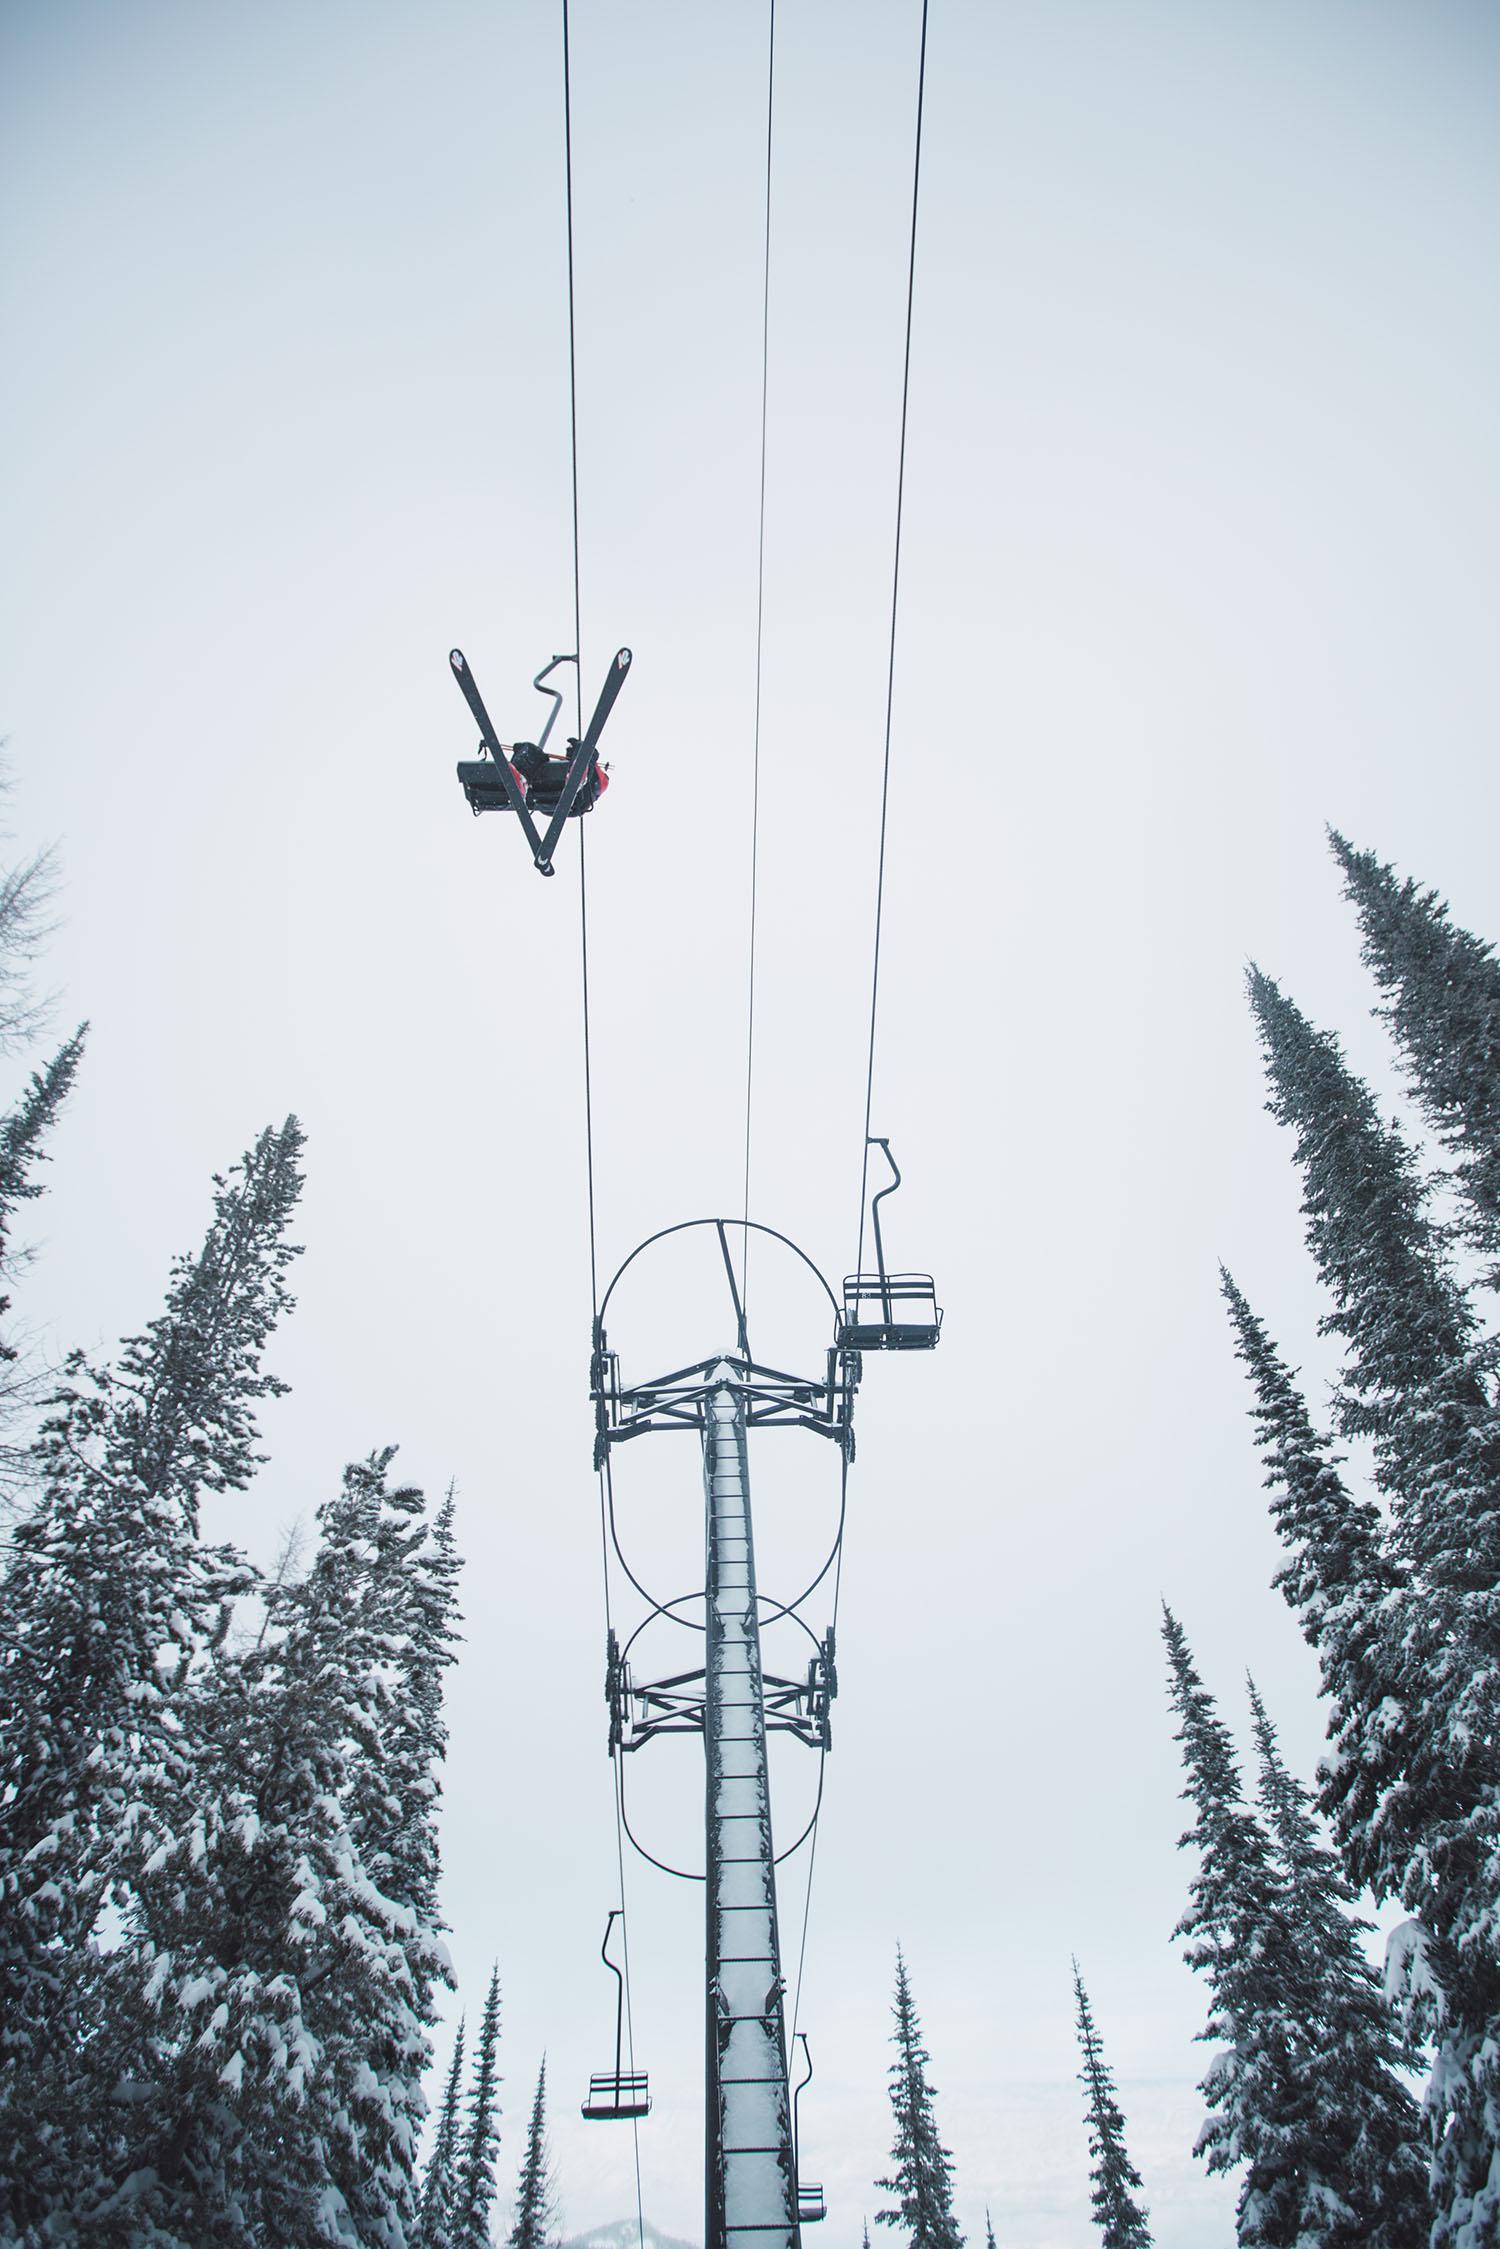 mission-ridge-under-chairlift-winter-snow-skis-skier.jpg